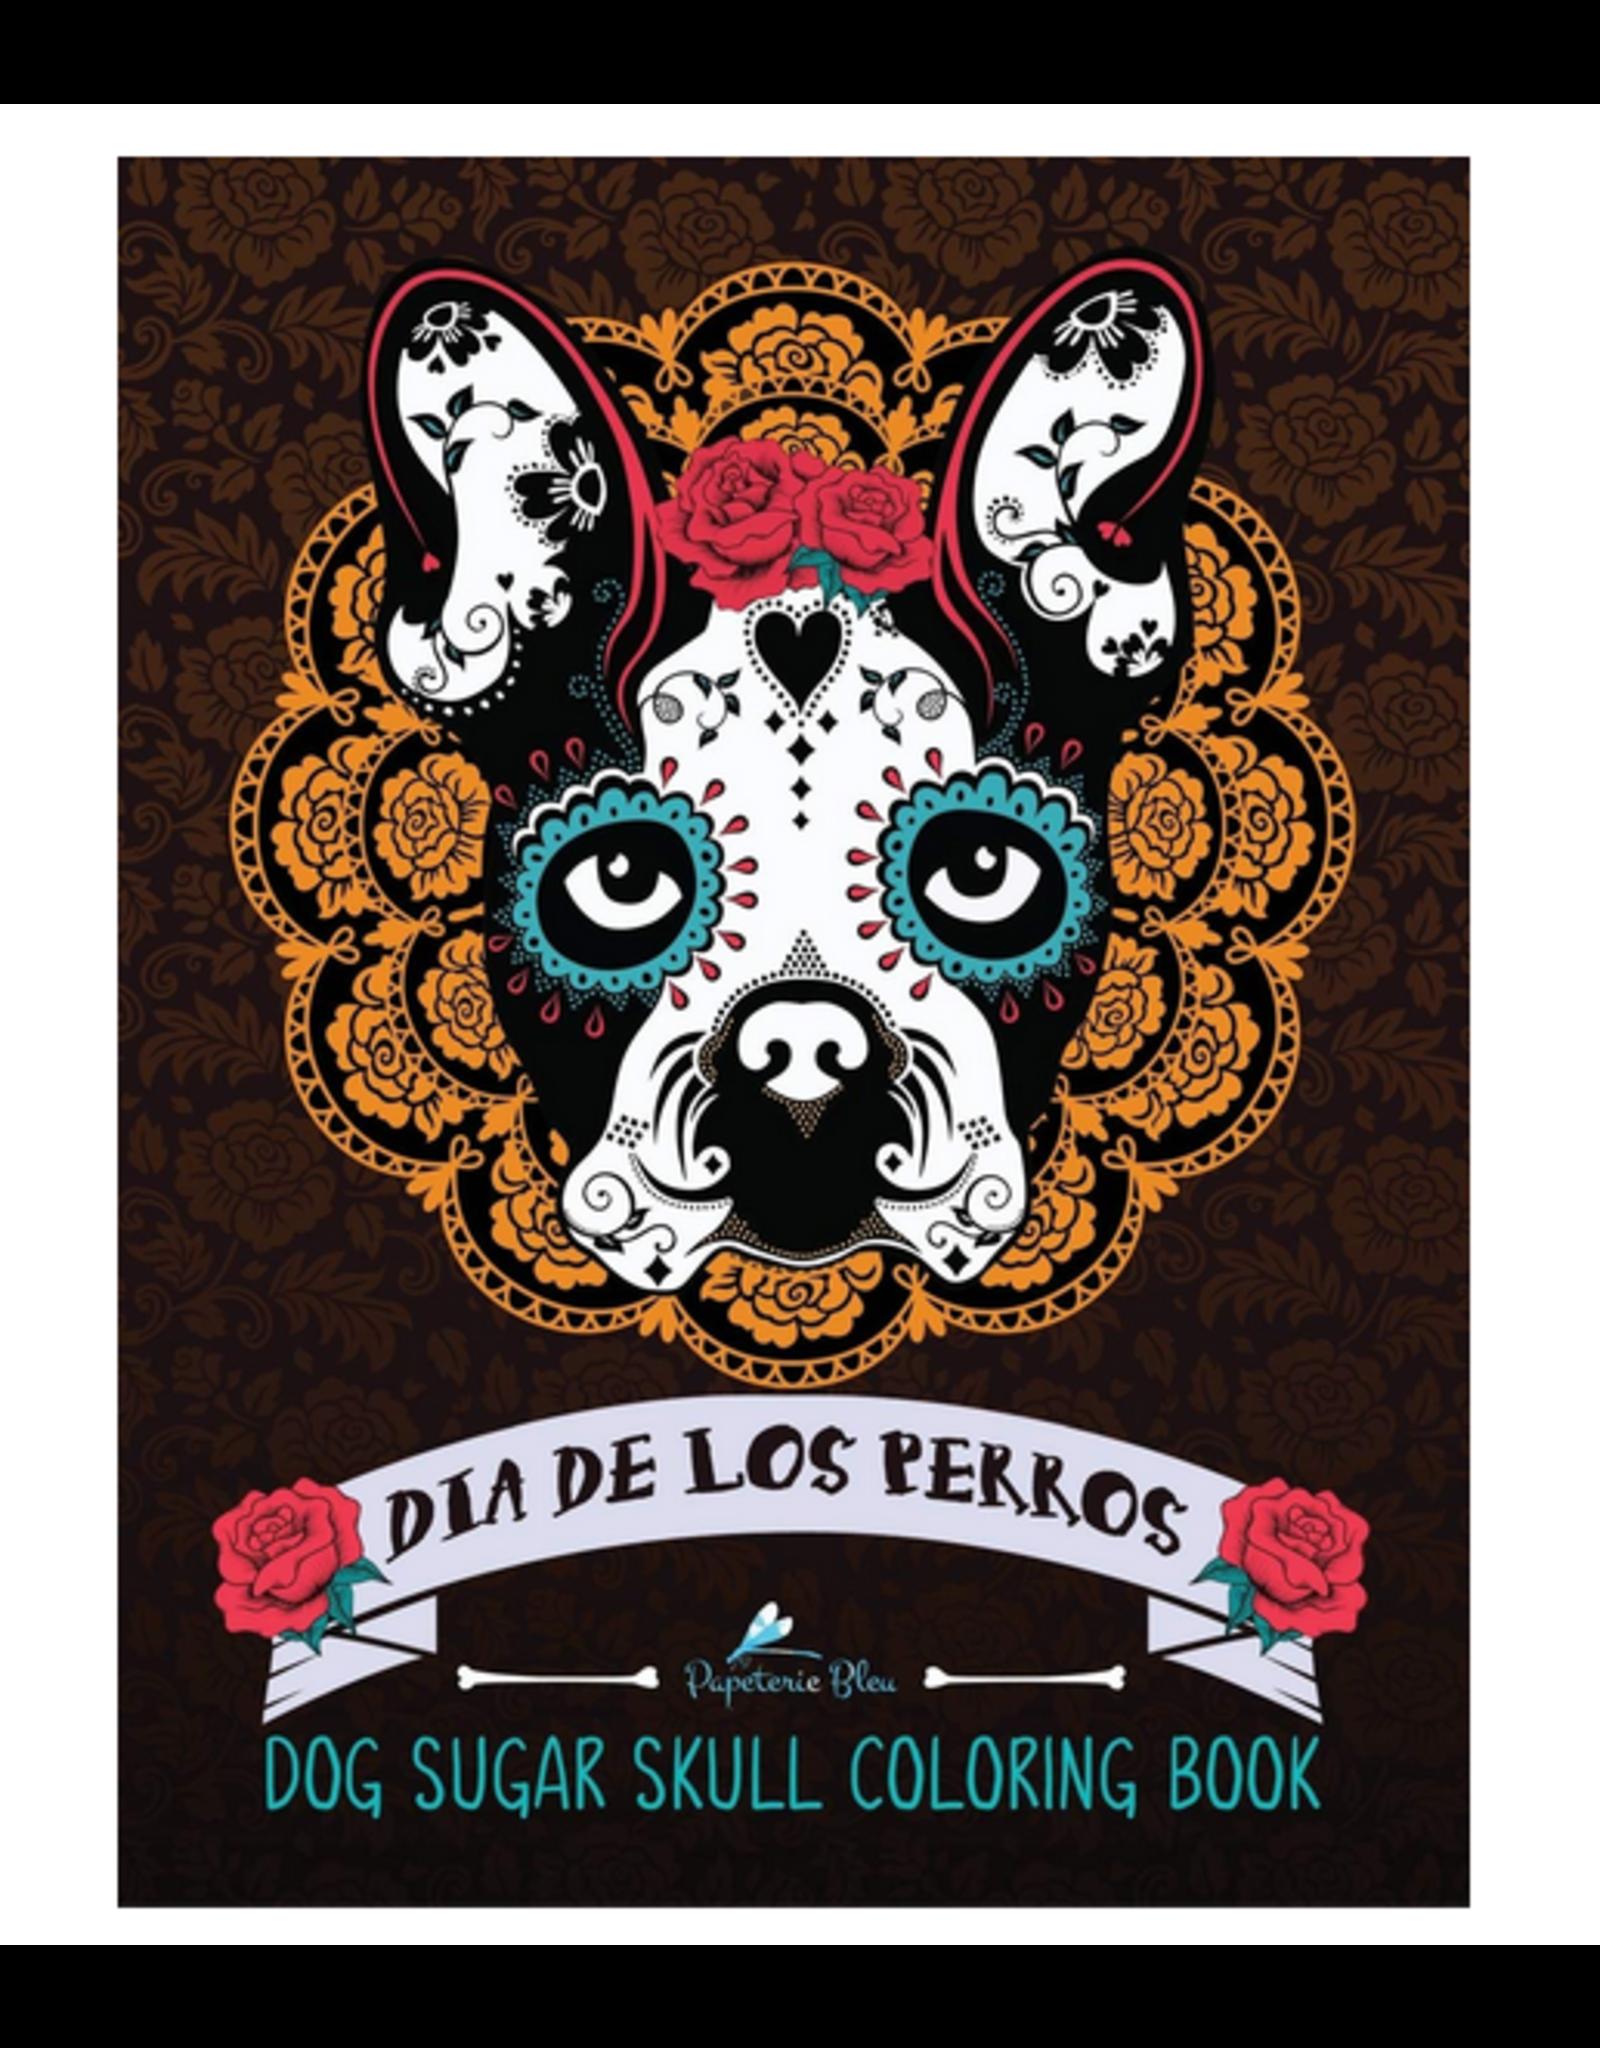 Papeterie Bleu Colouring Book for Adults, Dia de Los Perros (Dog Sugar Skulls)